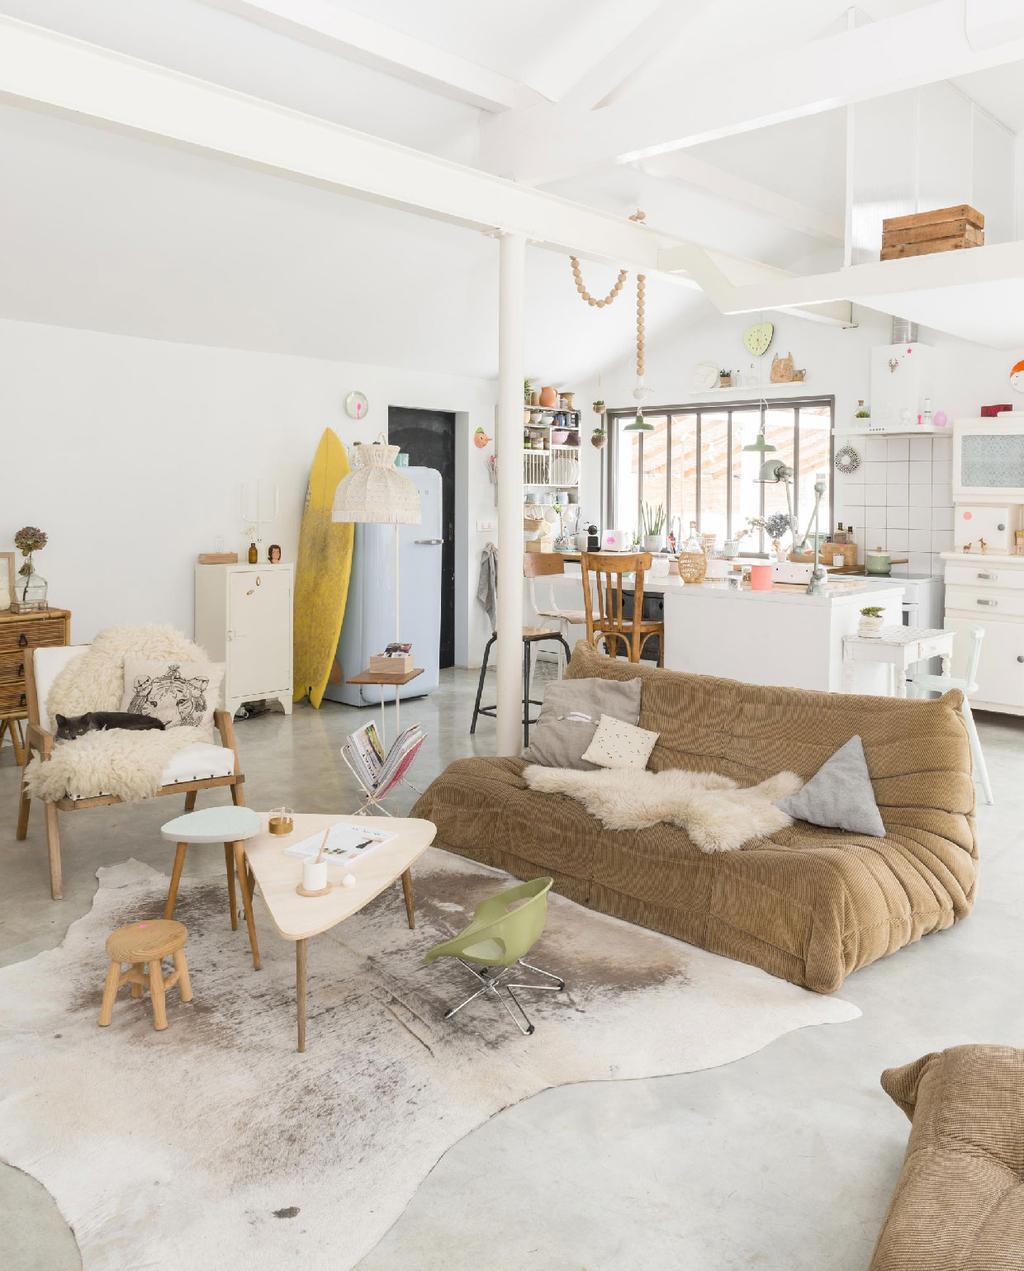 vtwonen 09-2015 | binnenkijken biarritz woonkamer met grote plofbank en witte balken